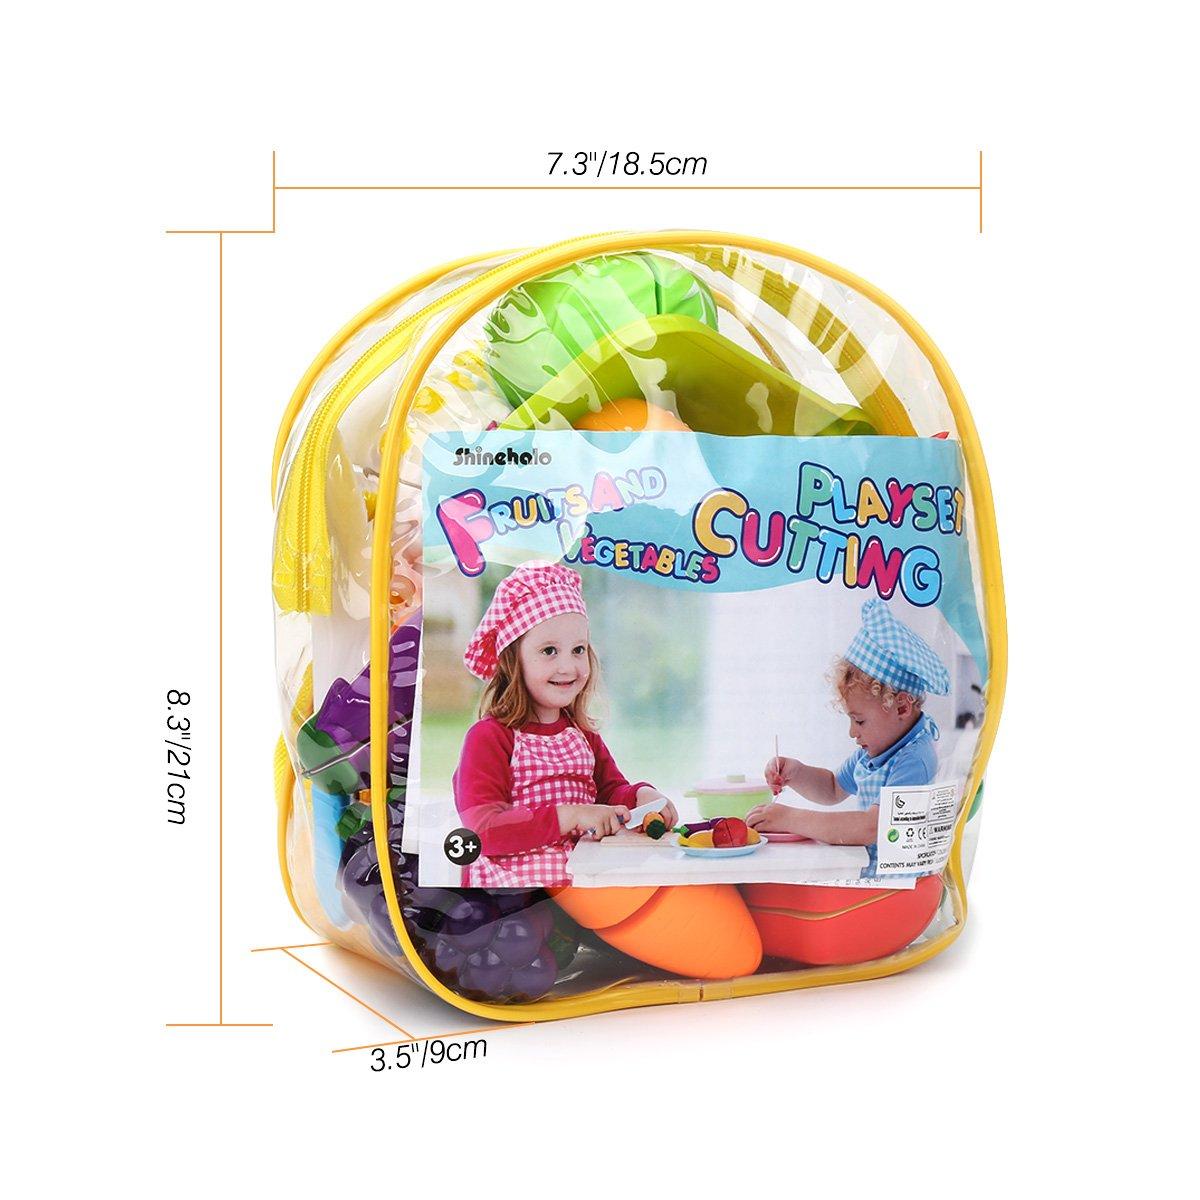 24 PCS giocattolo da cucina di ruolo fanno finta di mangiare giocattoli con zaino Frutta e verdura Taglio Playset Pieno di fondi per bambini Migliora la coordinazione occhio-mano Interazione sociale